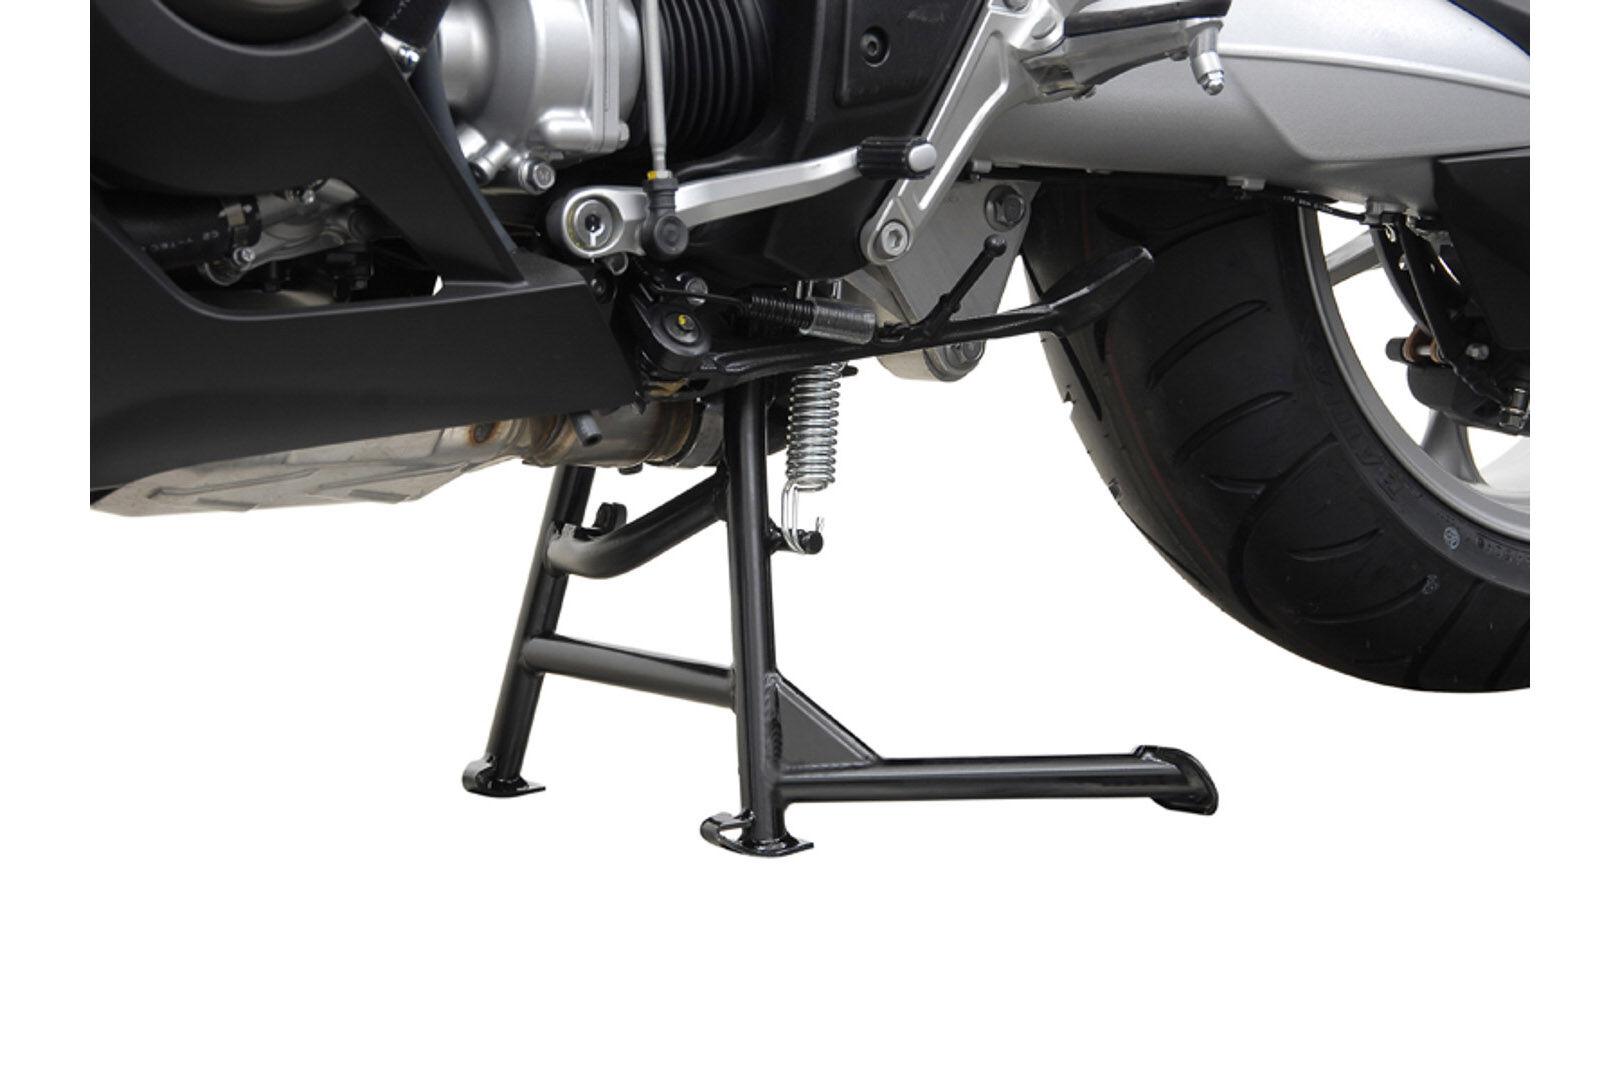 SW-Motech Centerstand - Black. Honda VFR 1200 (09-). Centerstand Bl...